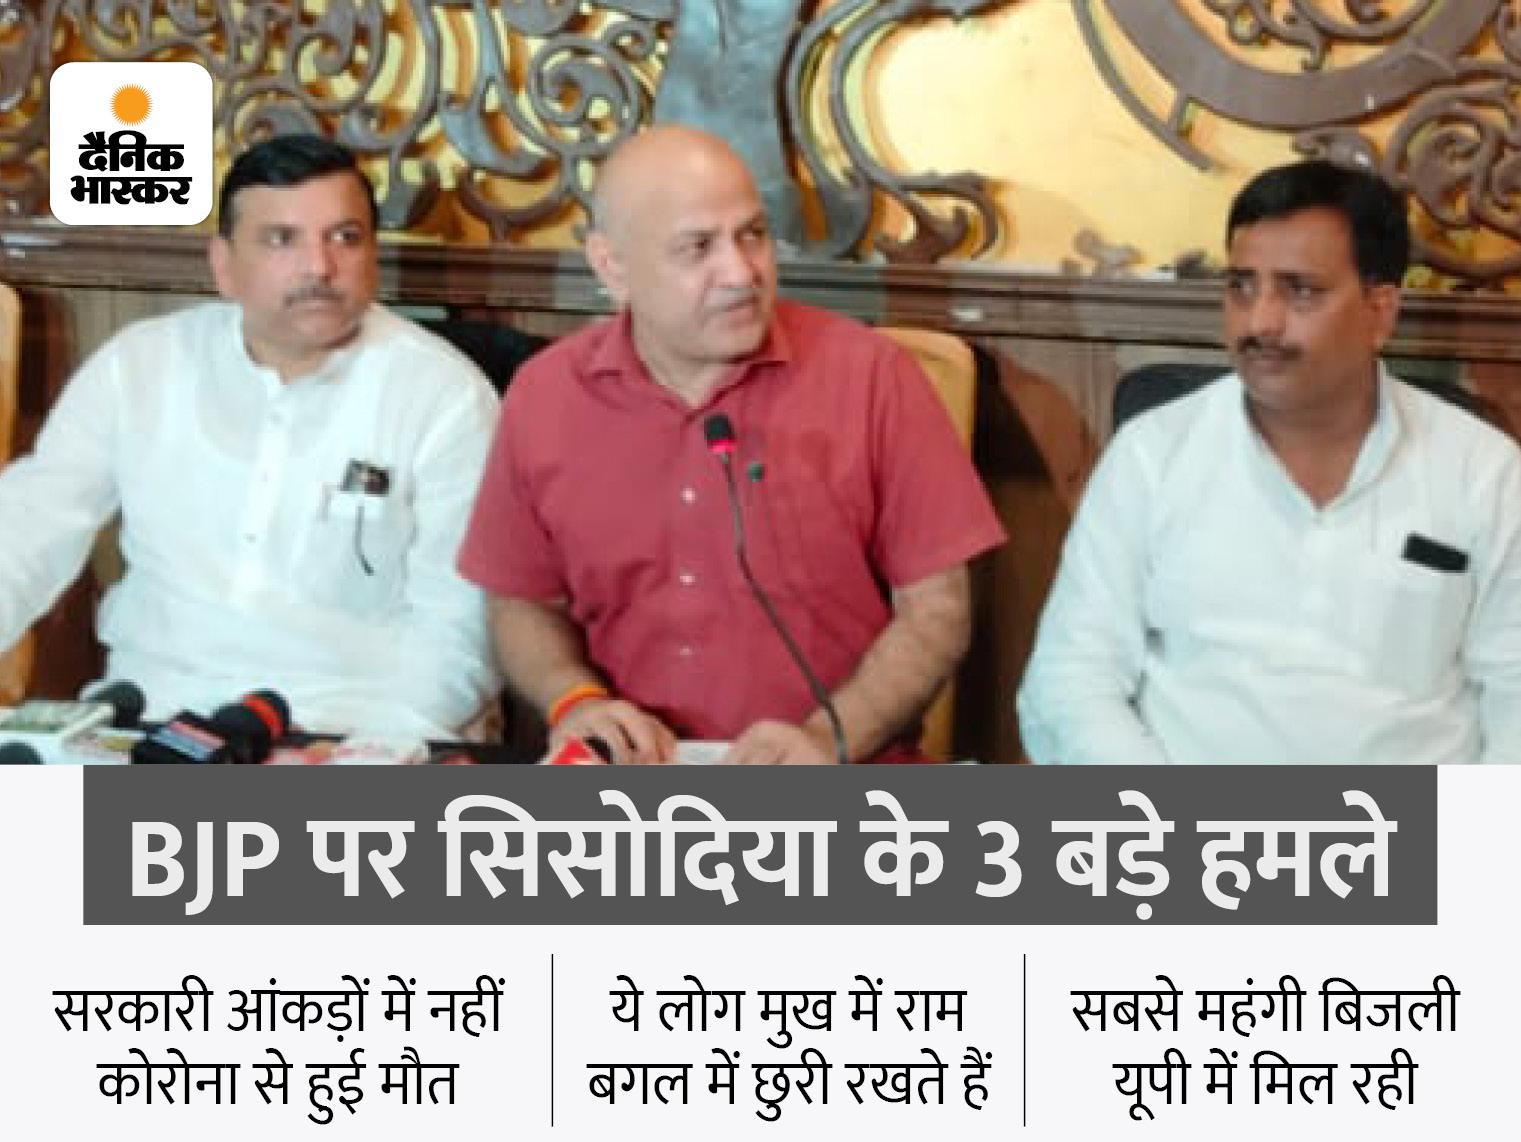 इससे पहले बोले- राम मंदिर का चंदा खा गई BJP सरकार; ये ना आम आदमी के नाम राम के|अयोध्या,Ayodhya - Dainik Bhaskar